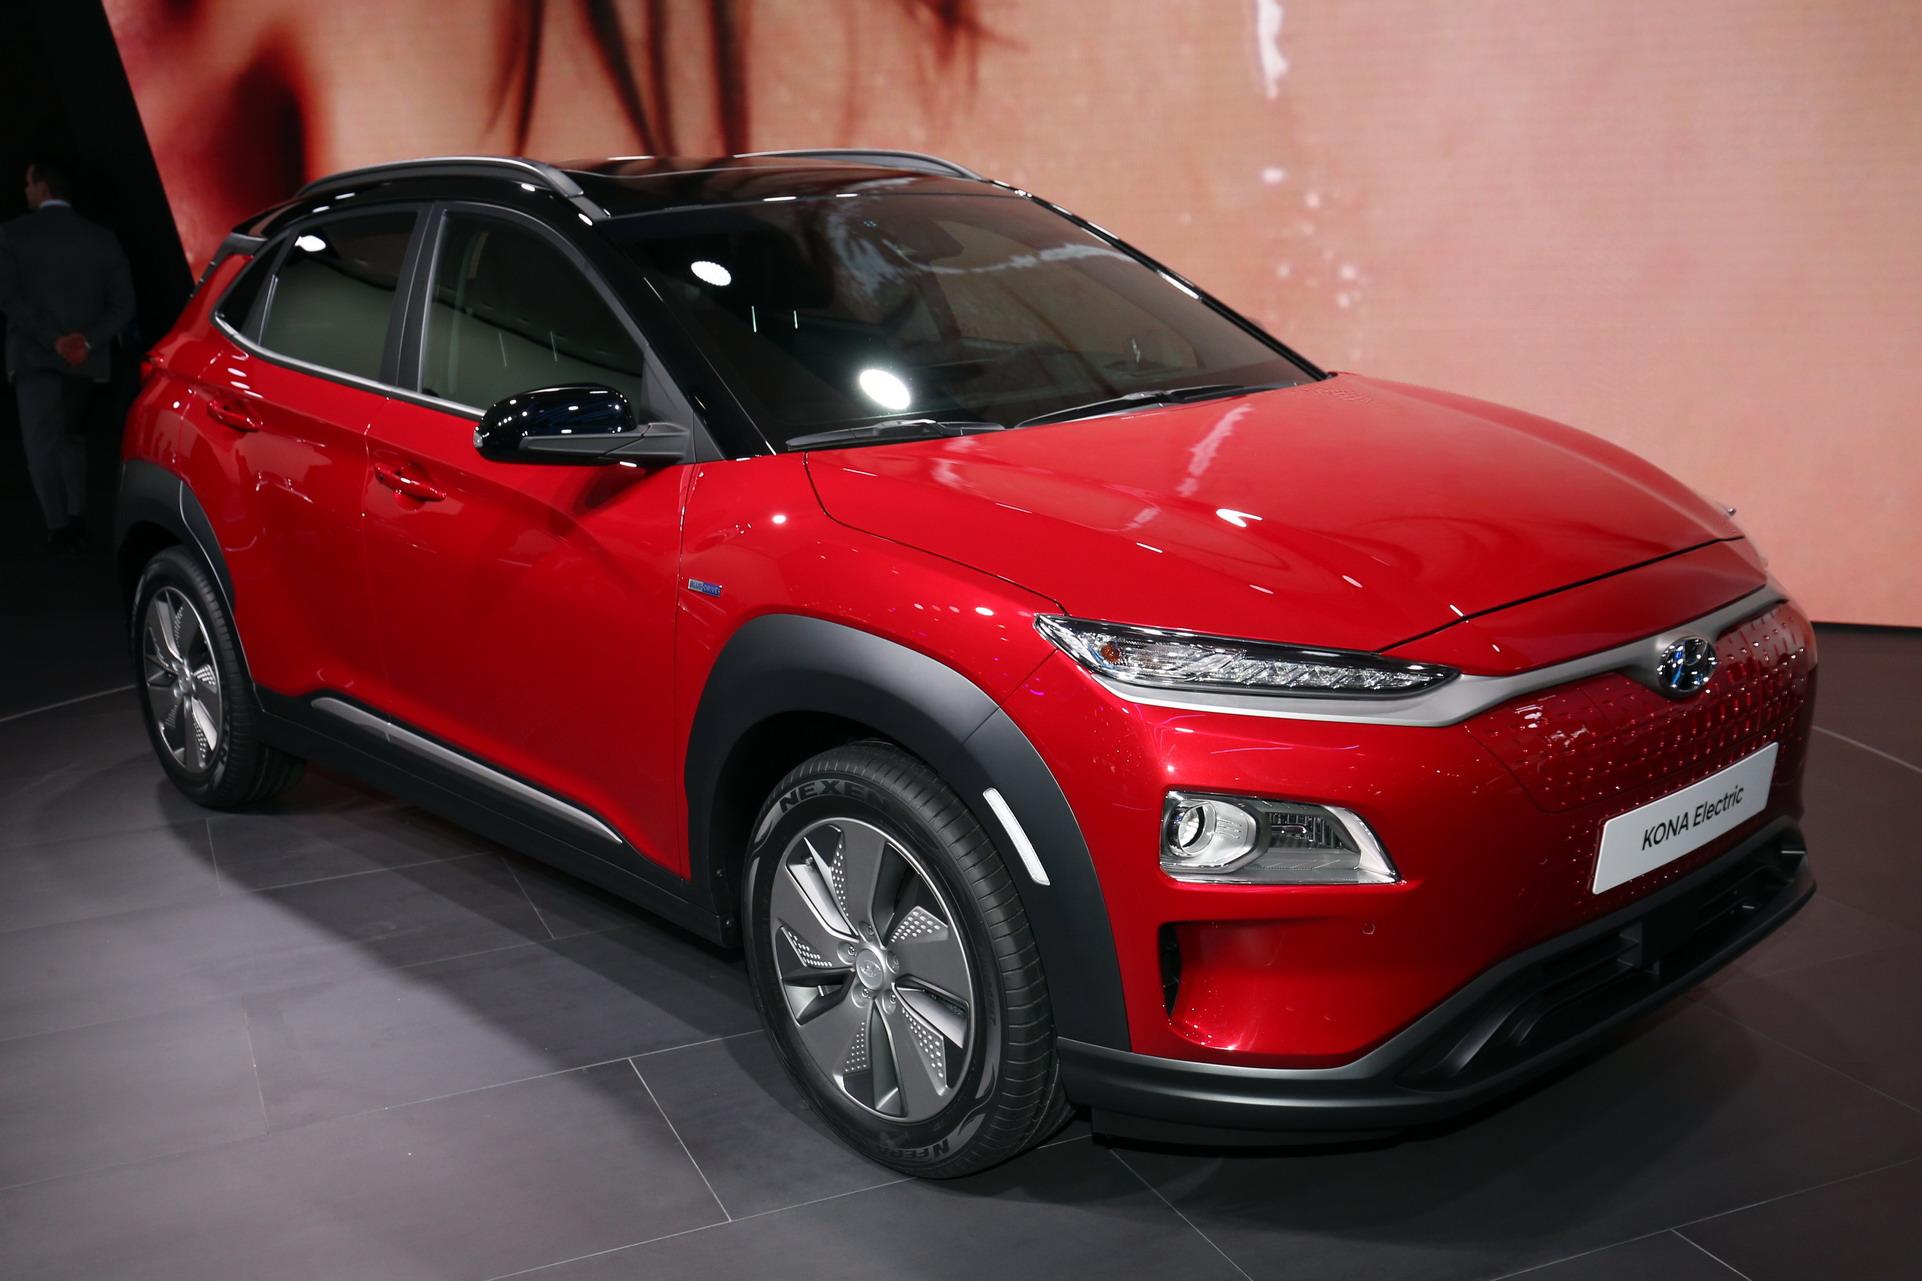 Женева 2018: «живые» фотографии кроссовера Hyundai Kona Electric